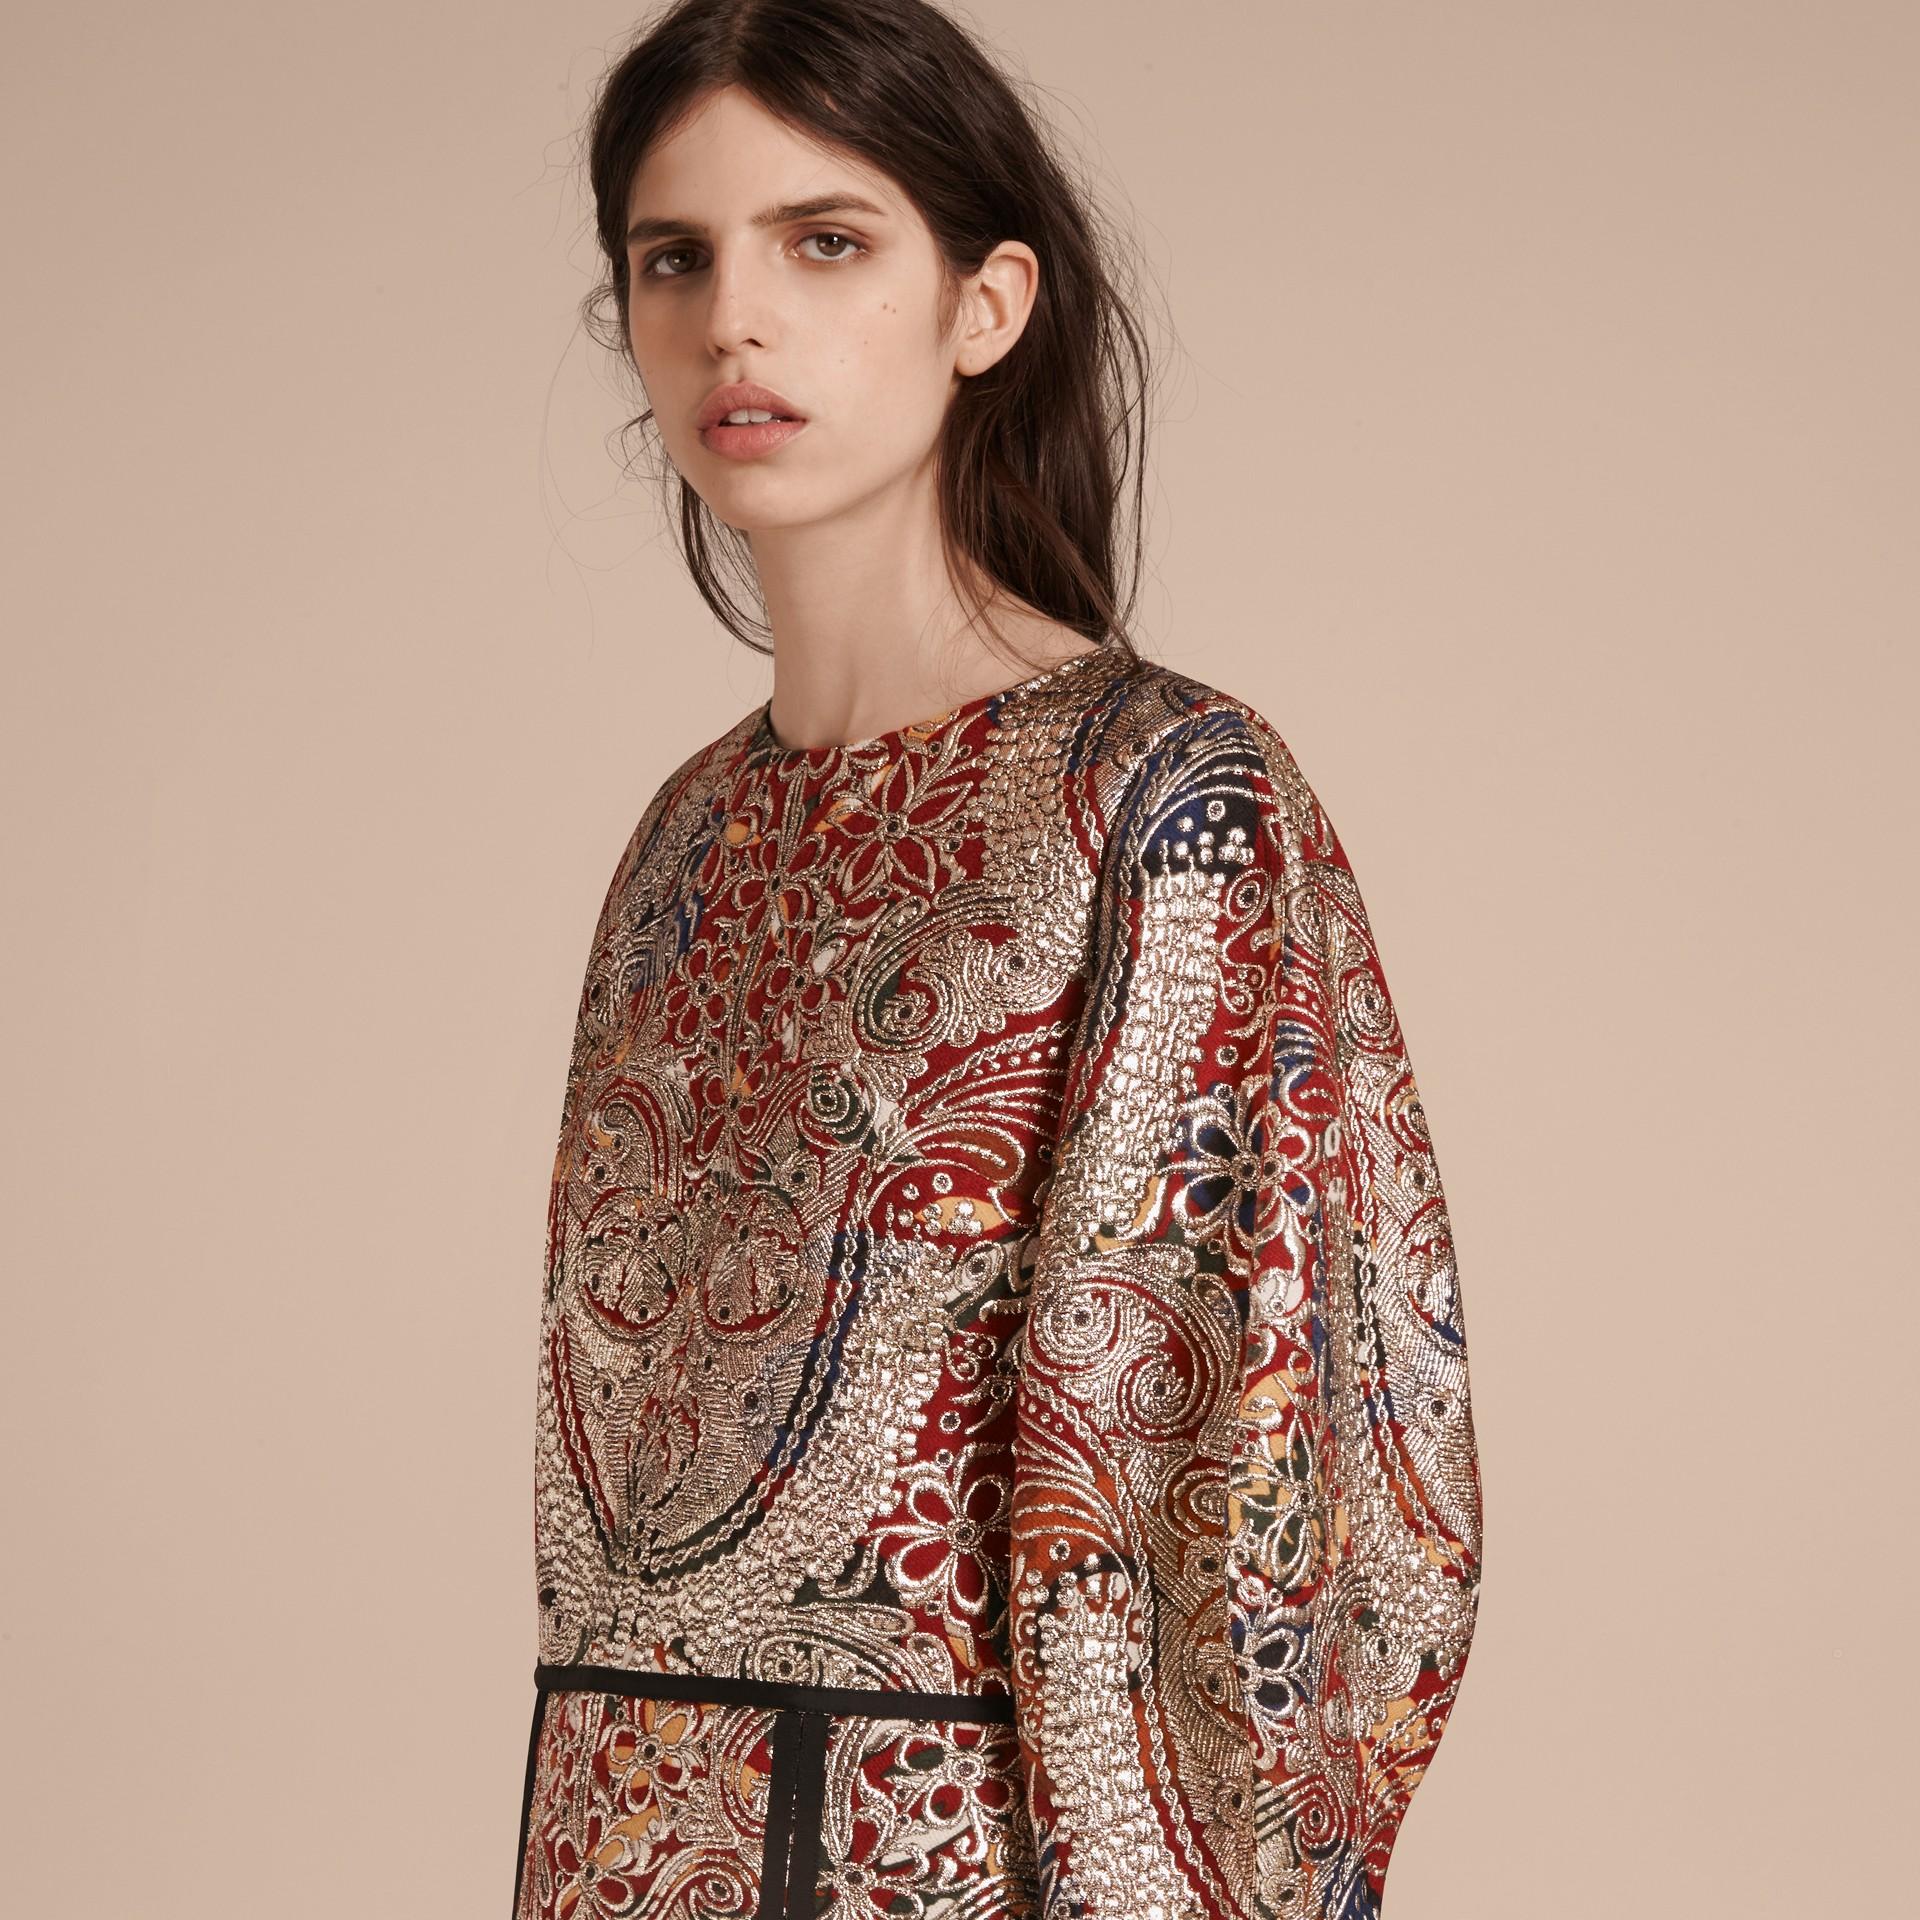 Brun roux Robe à manches sculpturales avec motif floral métallisé en jacquard - photo de la galerie 5